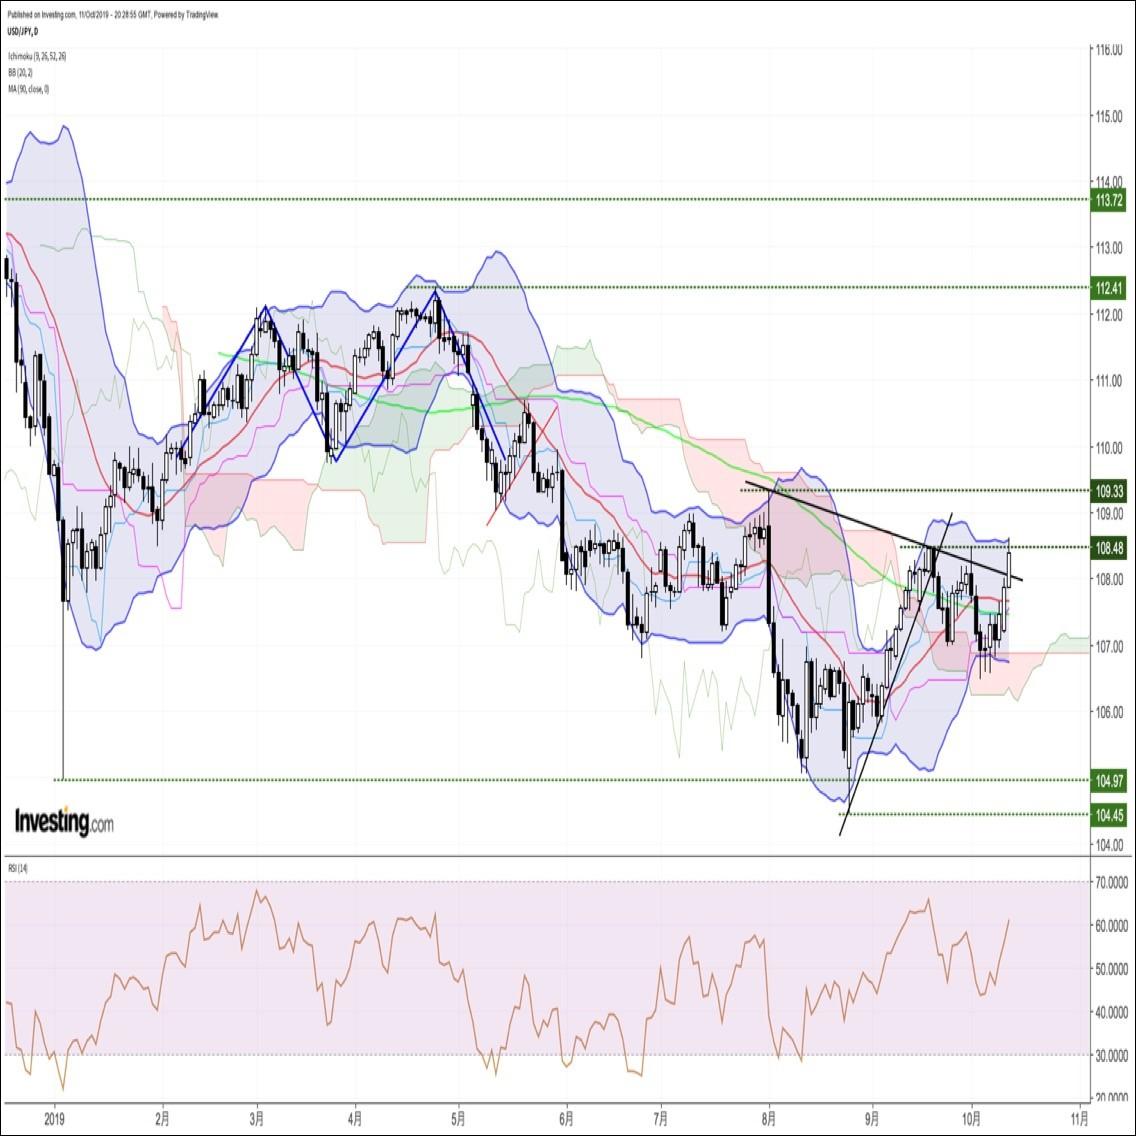 来週の為替相場見通し 『米中リスク後退でドル円上昇。来週は英国情勢が焦点』(10/12朝)